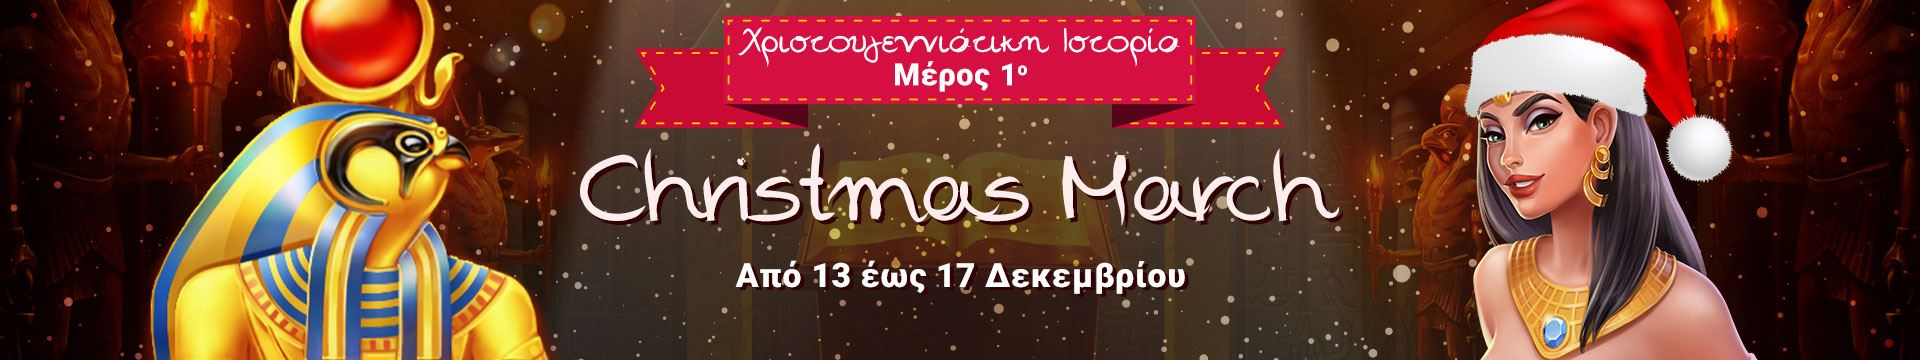 Christmas_Story